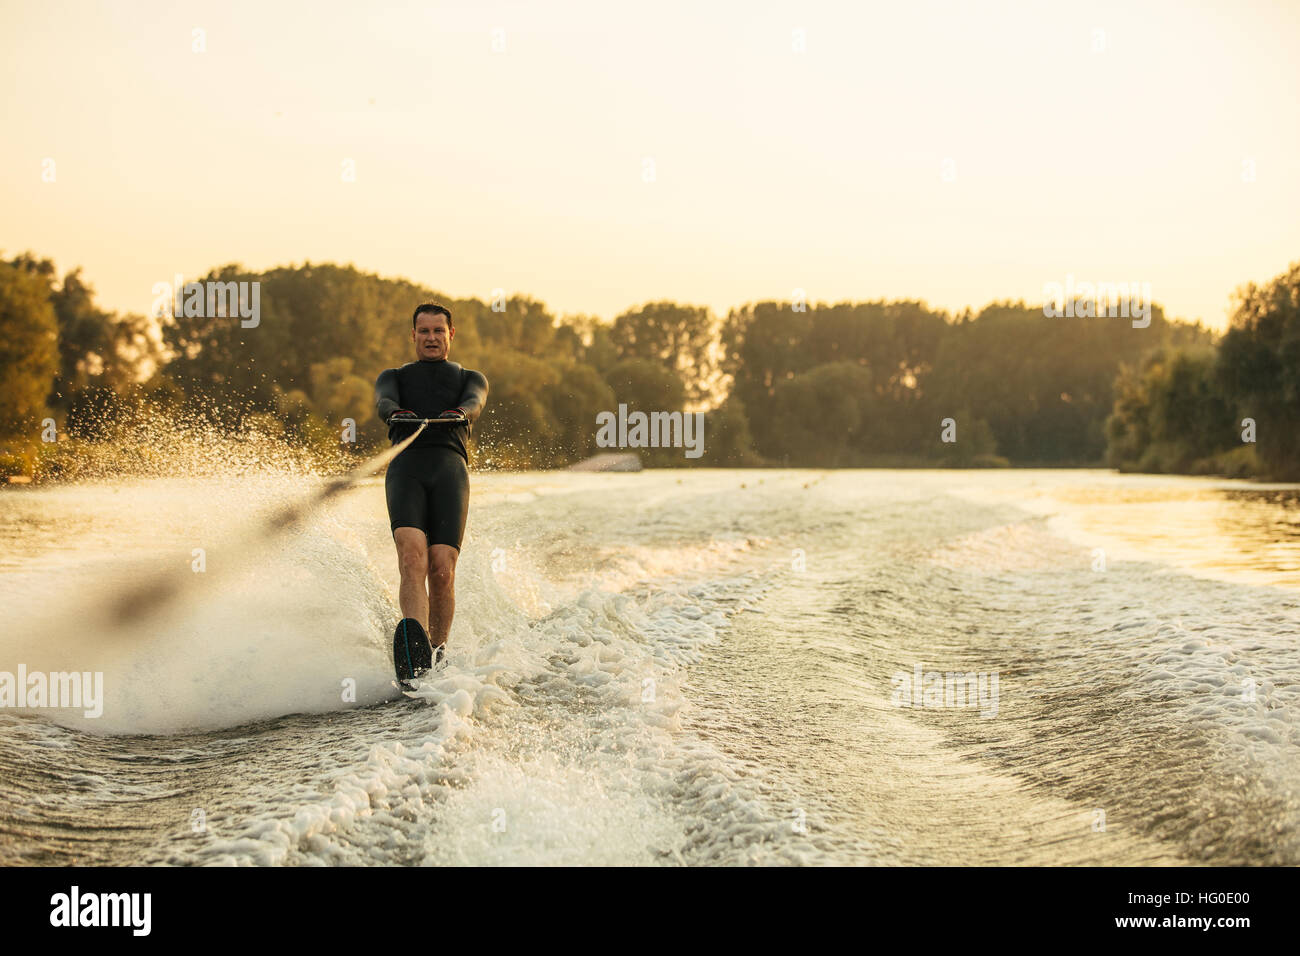 Hombre cabalgando sobre la ola de la lancha de wakeboard. Esquí acuático masculino detrás de un barco Imagen De Stock